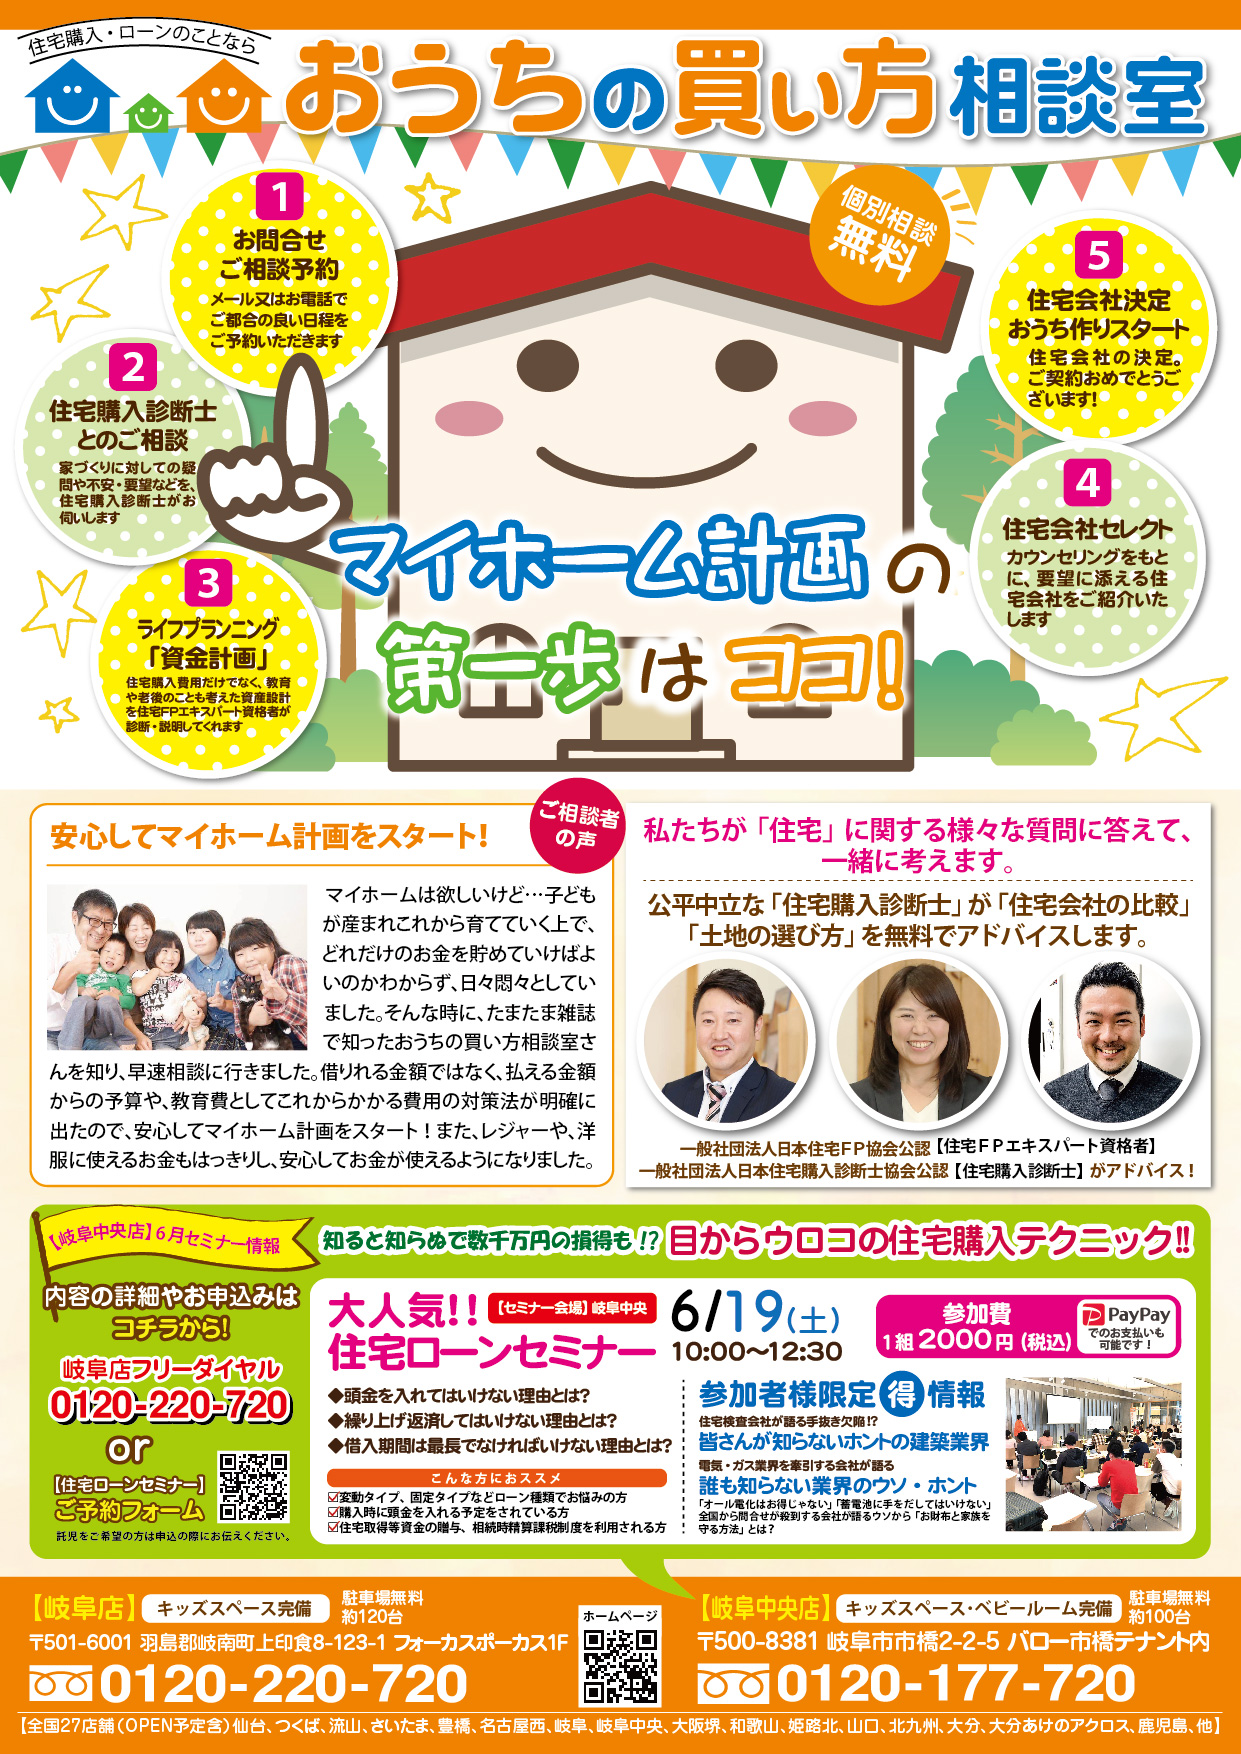 6月19日(土)大人気✨住宅ローンセミナー